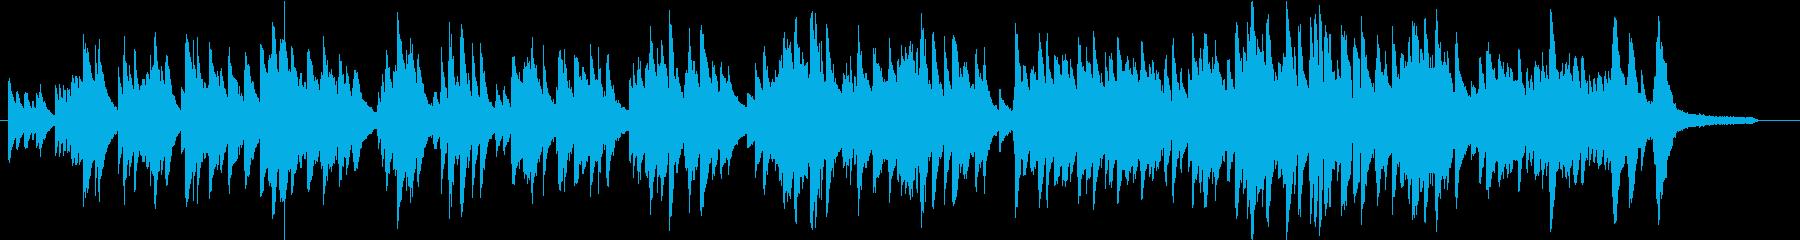 優しい感じのピアノ曲、1分40秒程度あ…の再生済みの波形